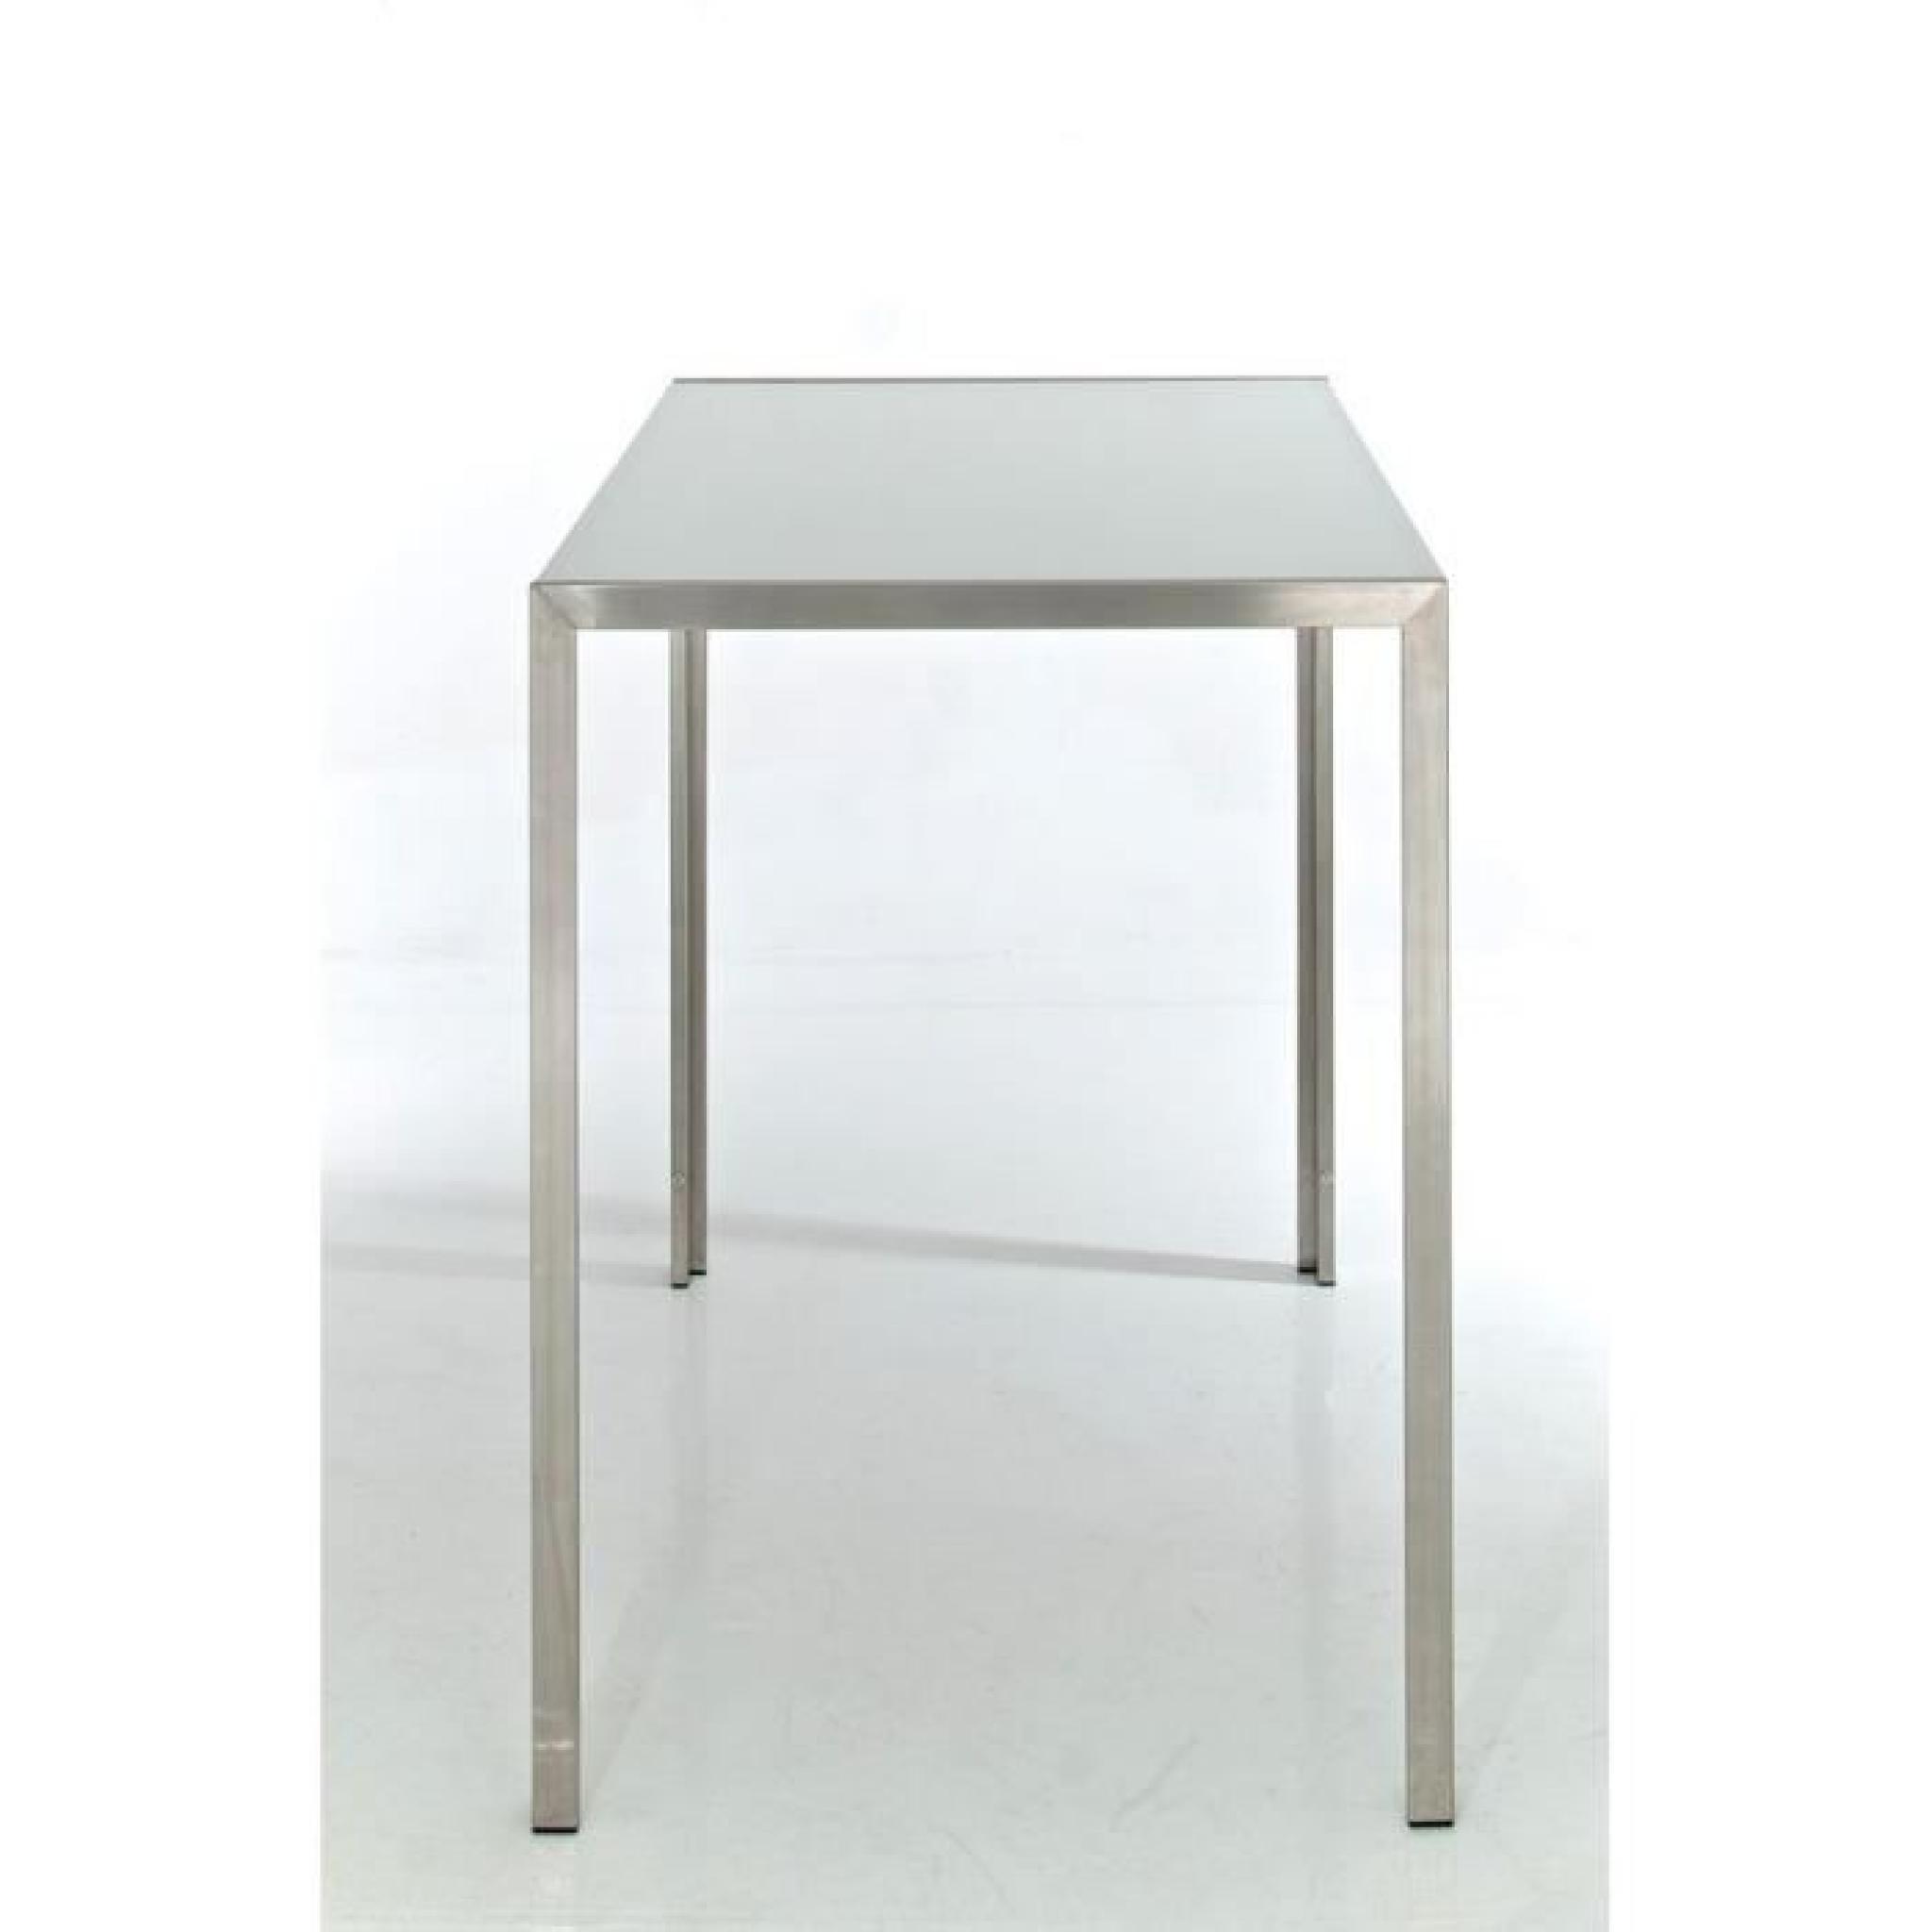 clp table haute massive salvador, avec plateau en verre de 5 mm